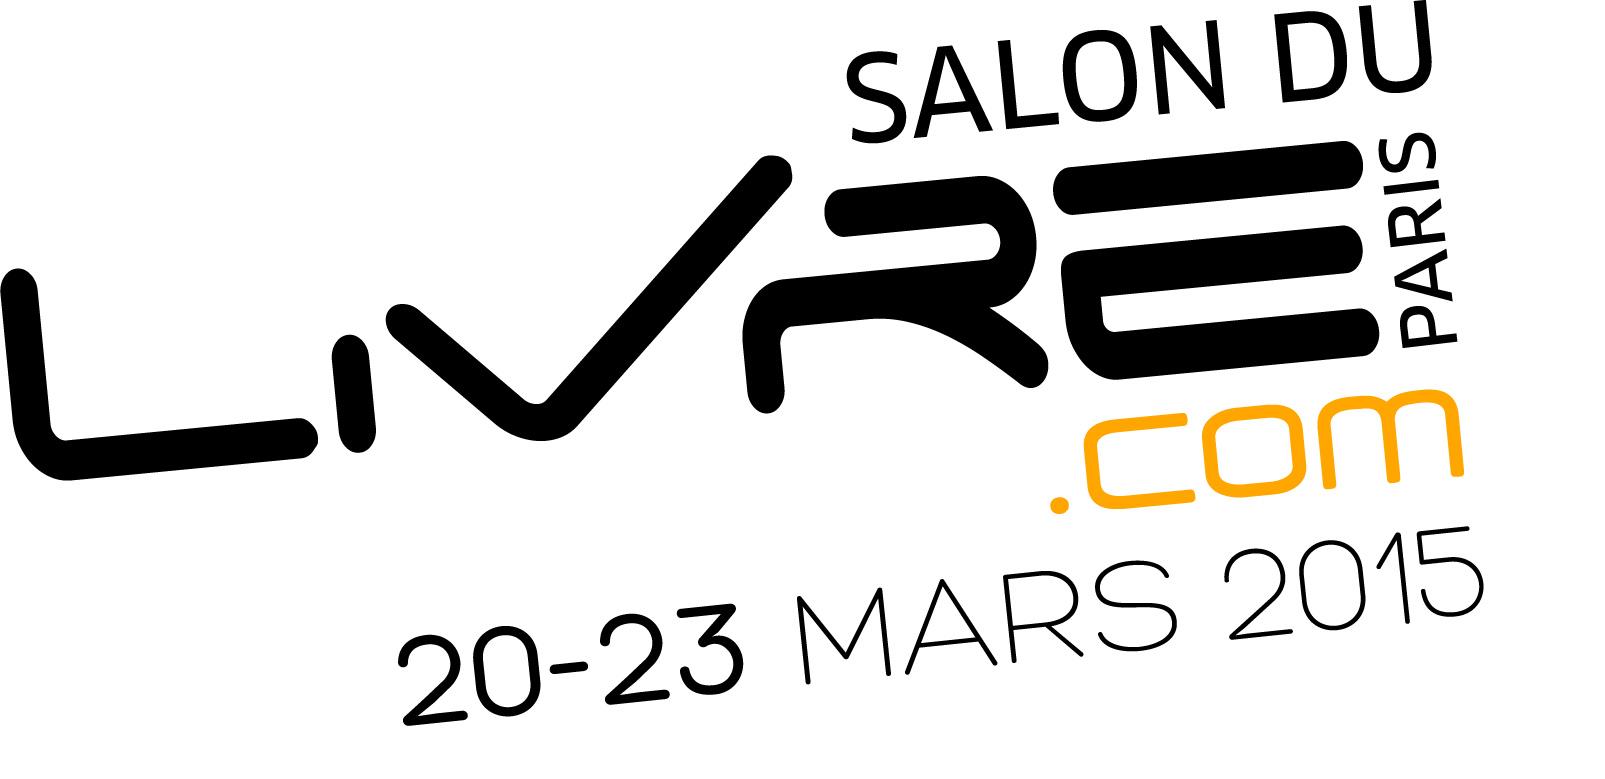 Salon du livre de paris 20 23 mars 2015 l dition - Salon du livre toulon ...